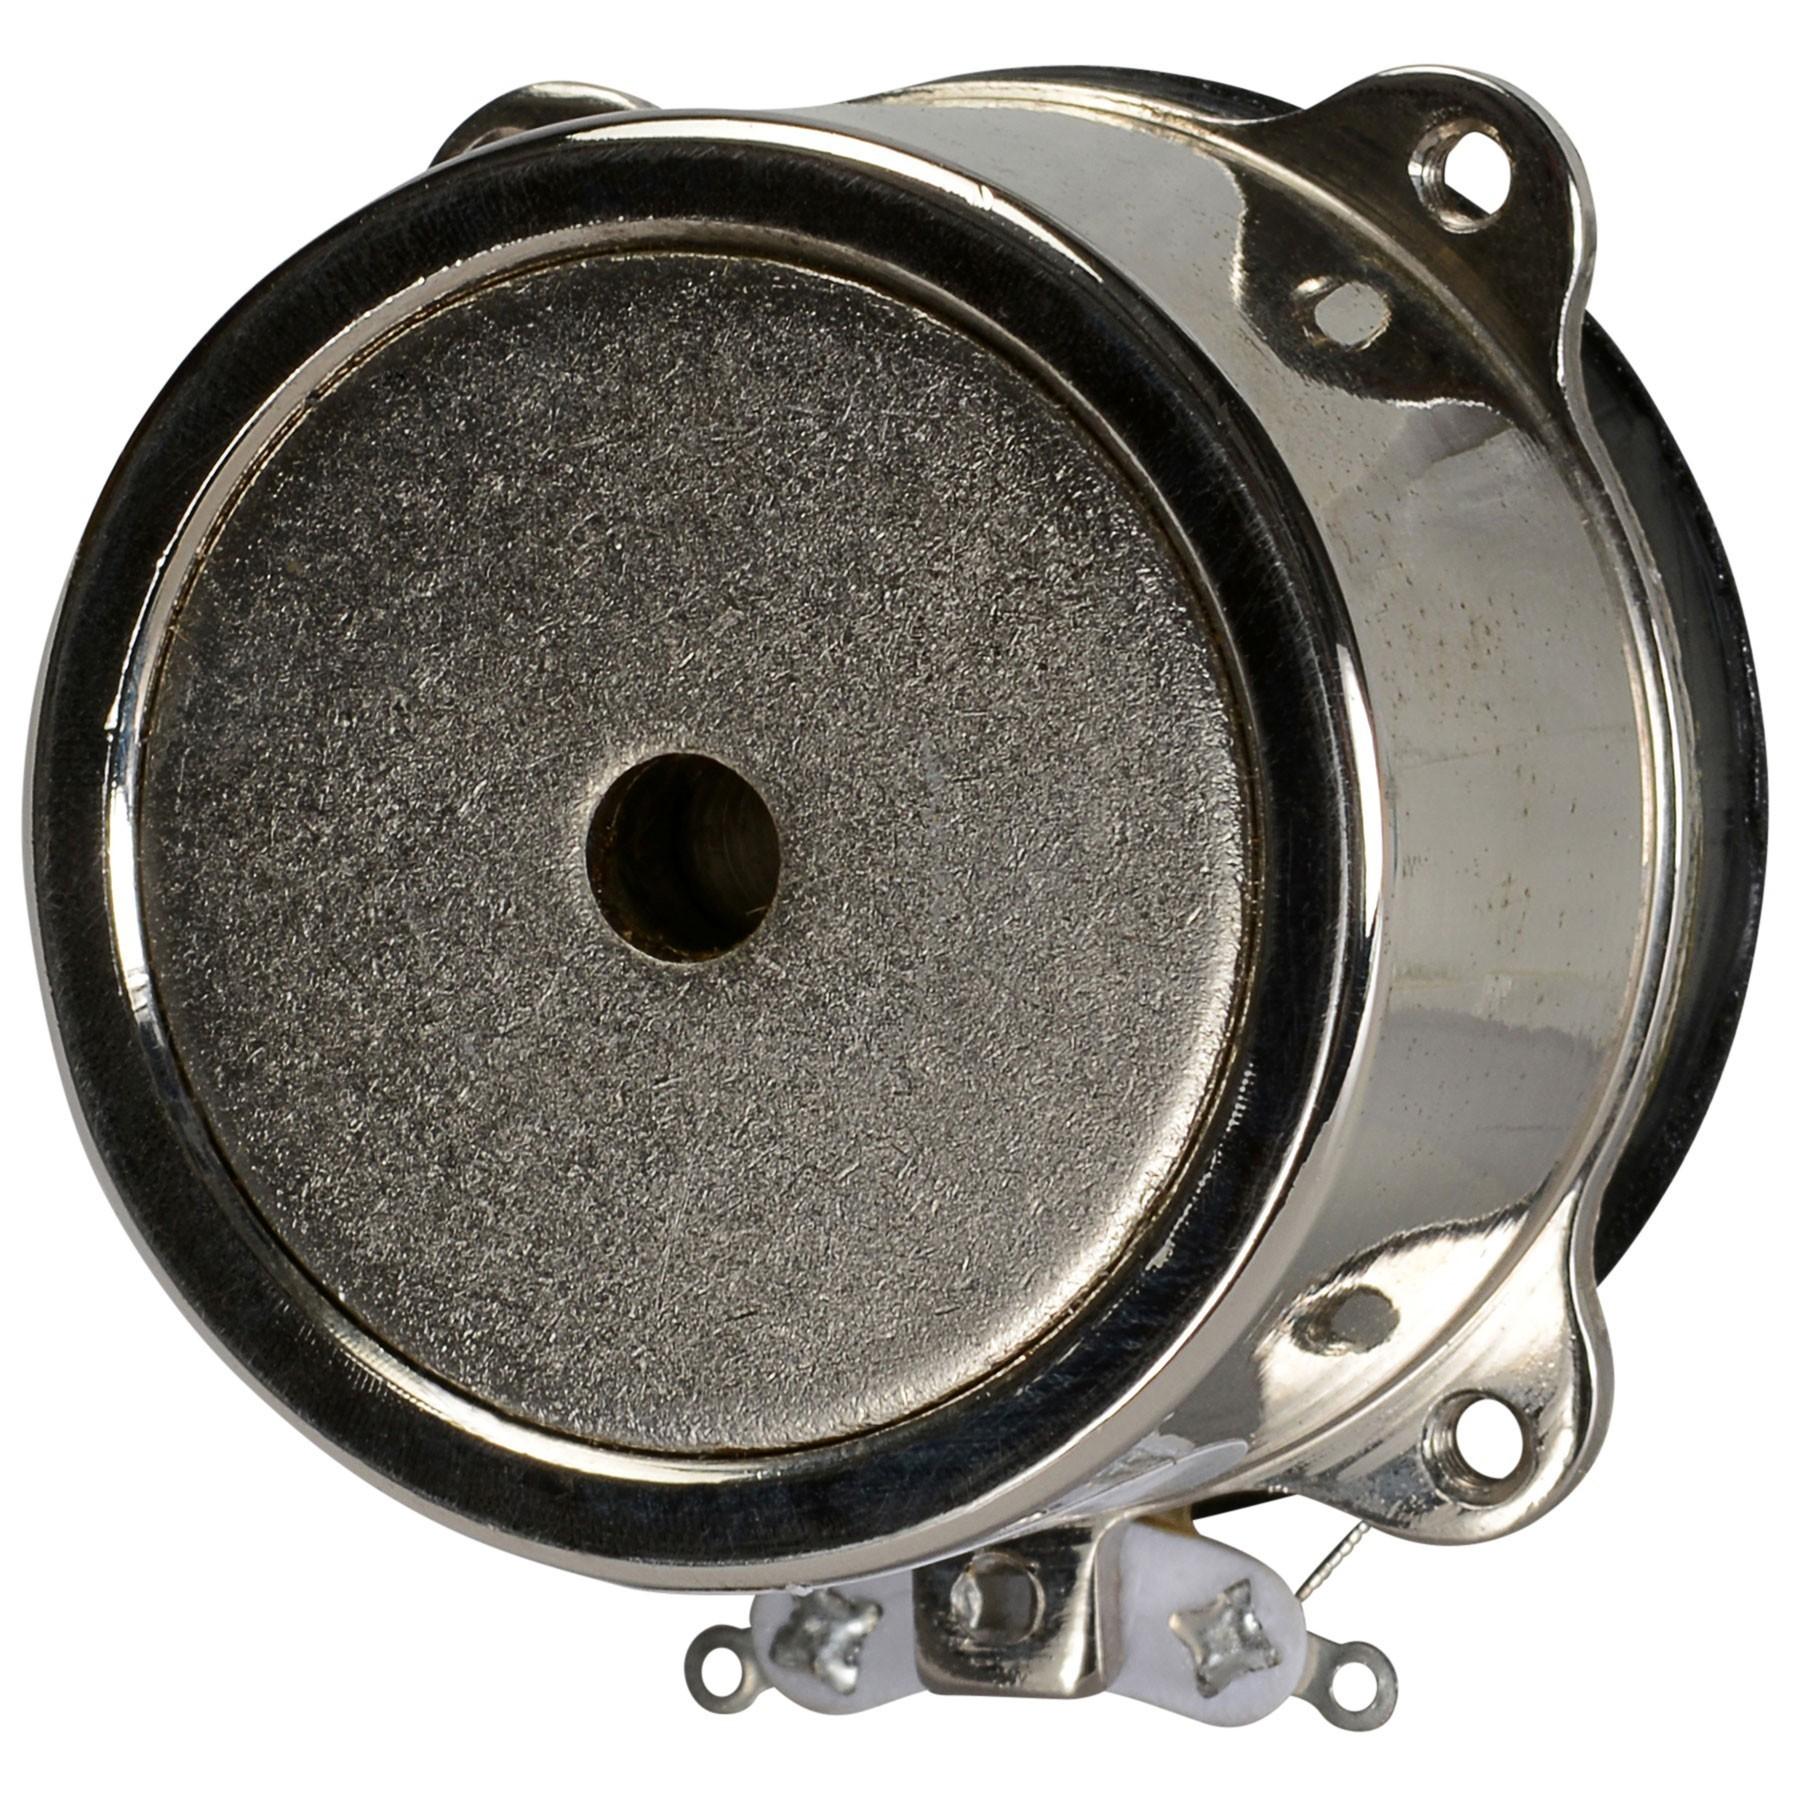 DAYTON AUDIO DAEX25SHF-4 Haut-Parleur Vibreur Exciter 20W 4 Ohm Ø 2.5cm